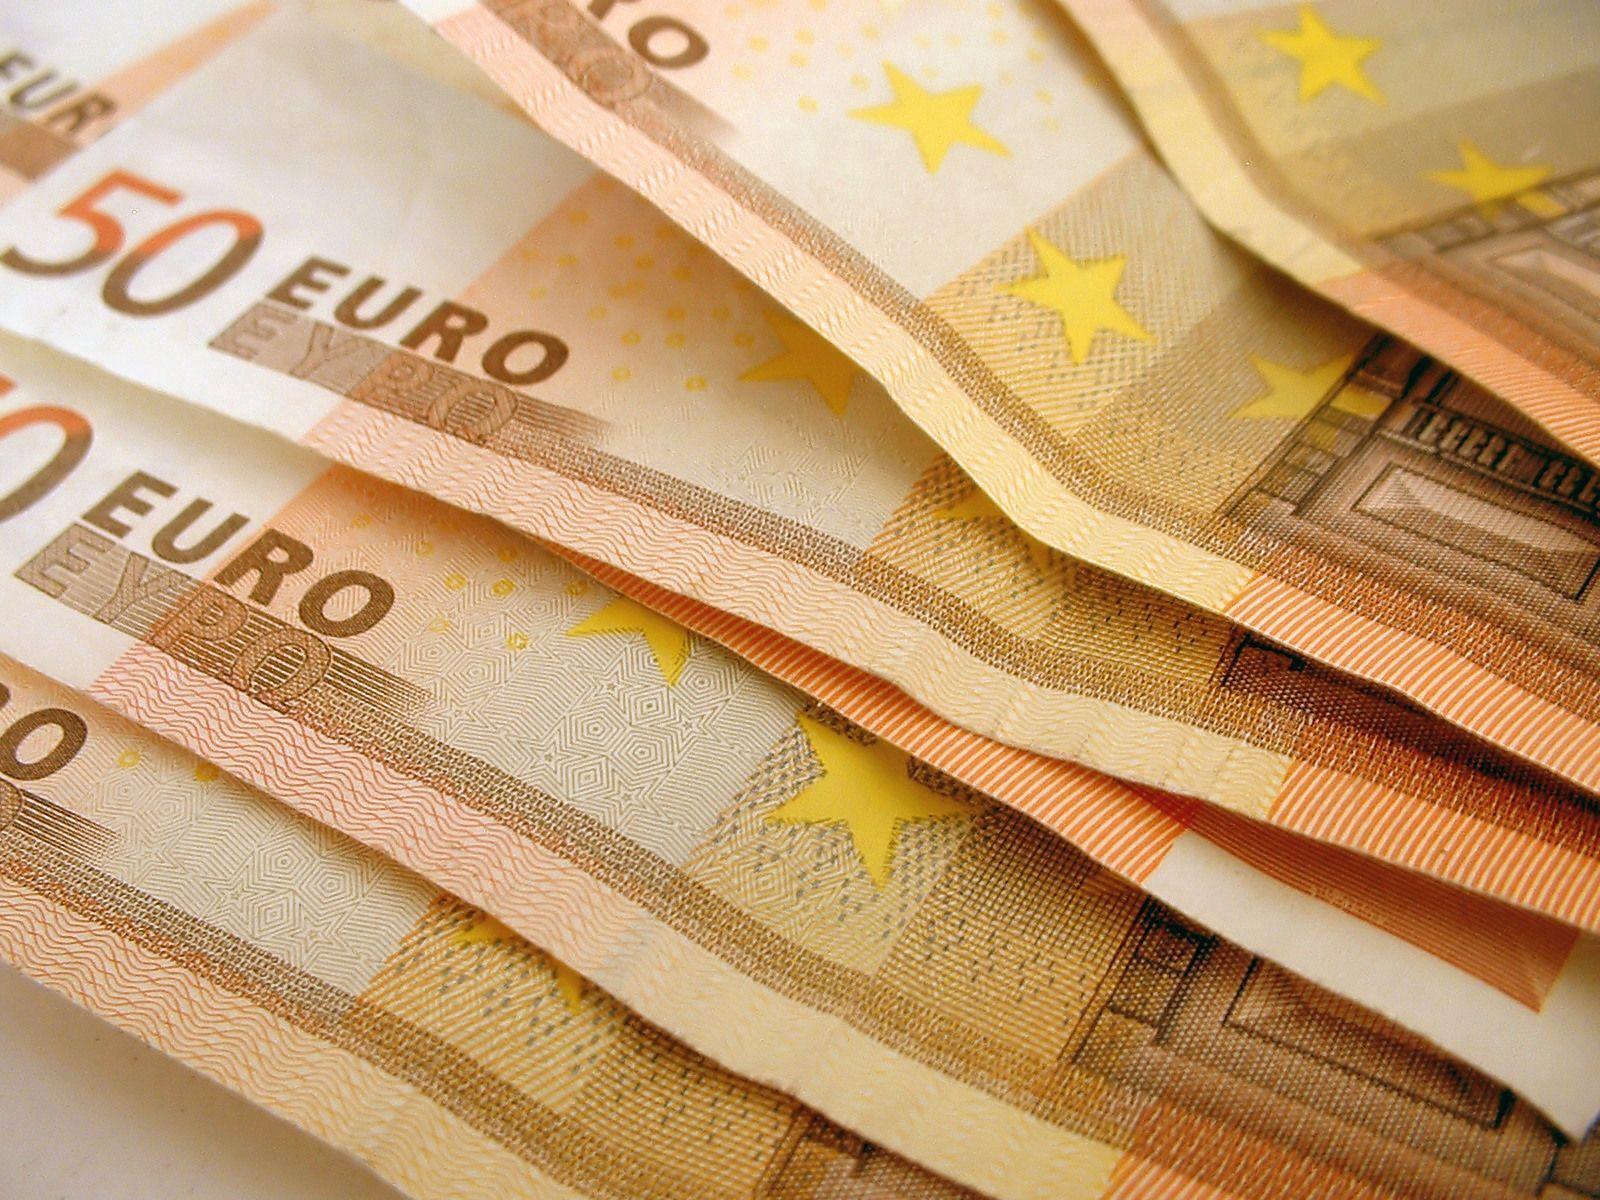 145322 Заставки и Обои Деньги на телефон. Скачать Деньги, Макро, Купюры, Евро, Зло картинки бесплатно